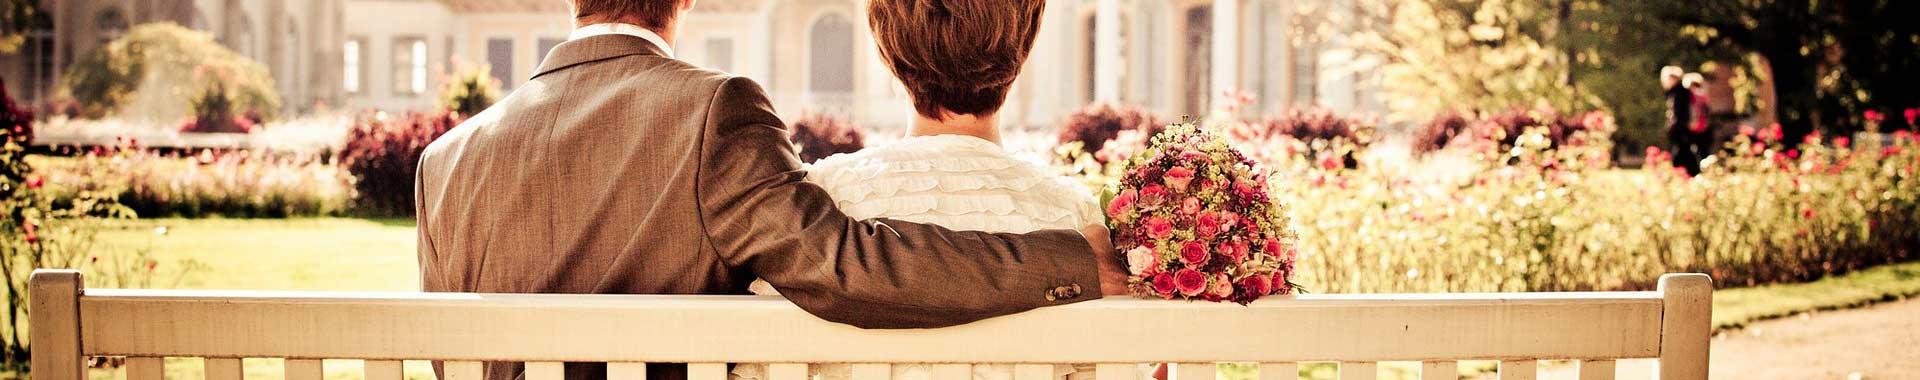 愛一個人,有時候不需要山盟海誓的承諾